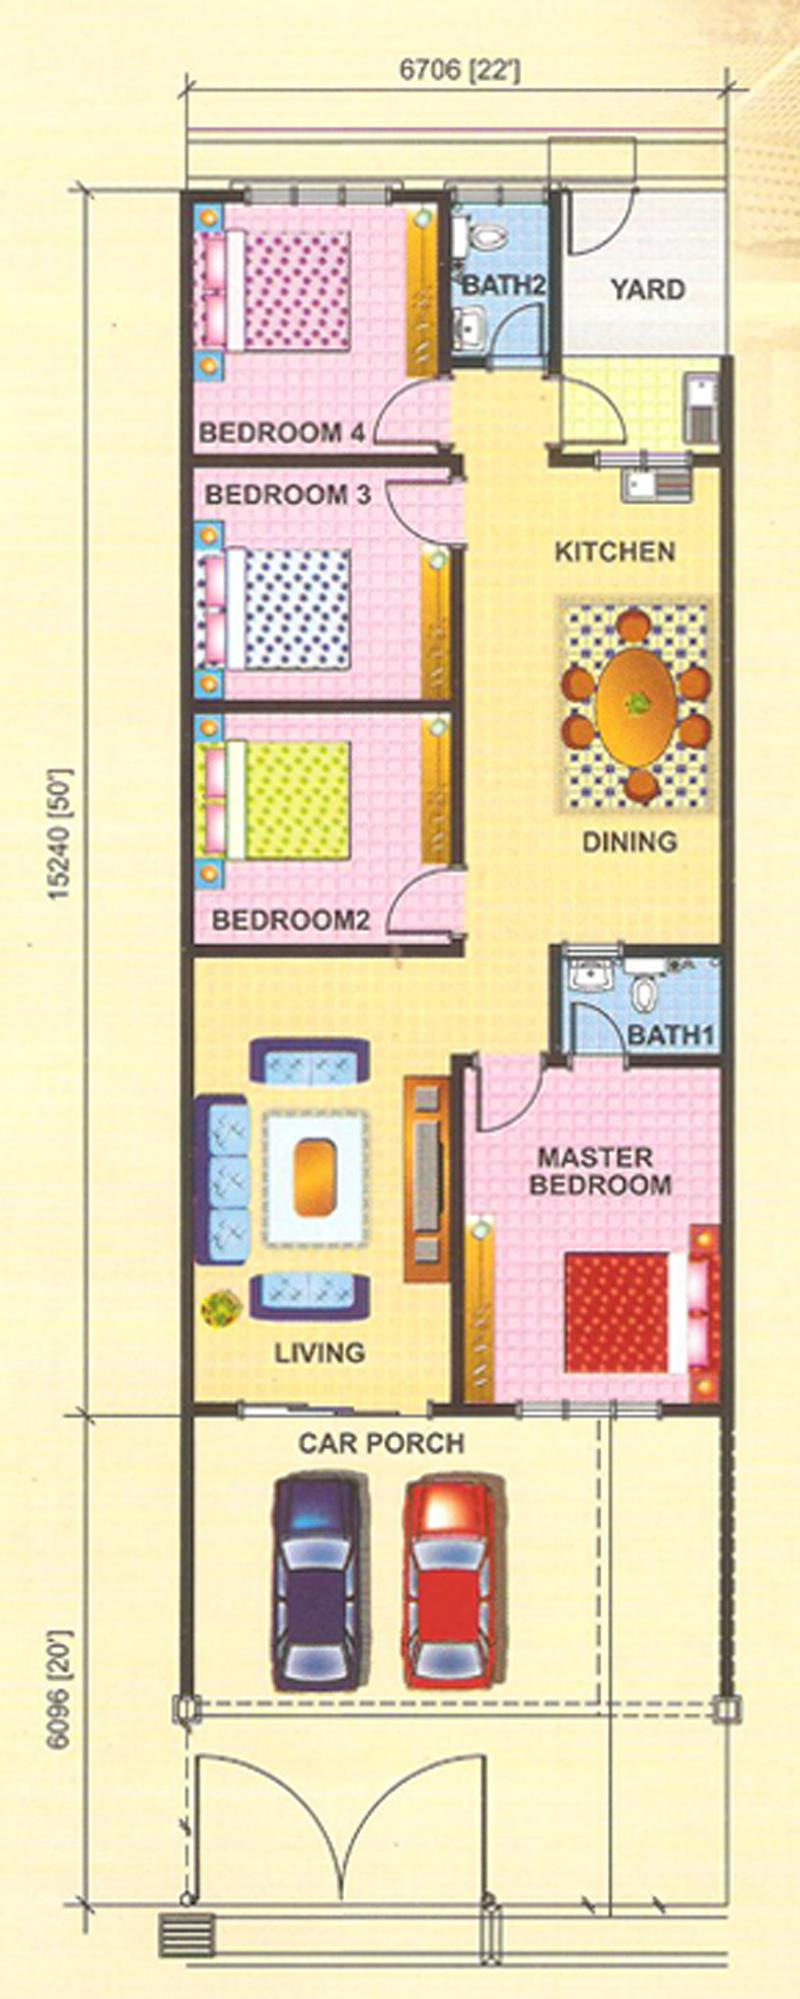 Taman-Tanjung-Minyak-Setia-floor-plan